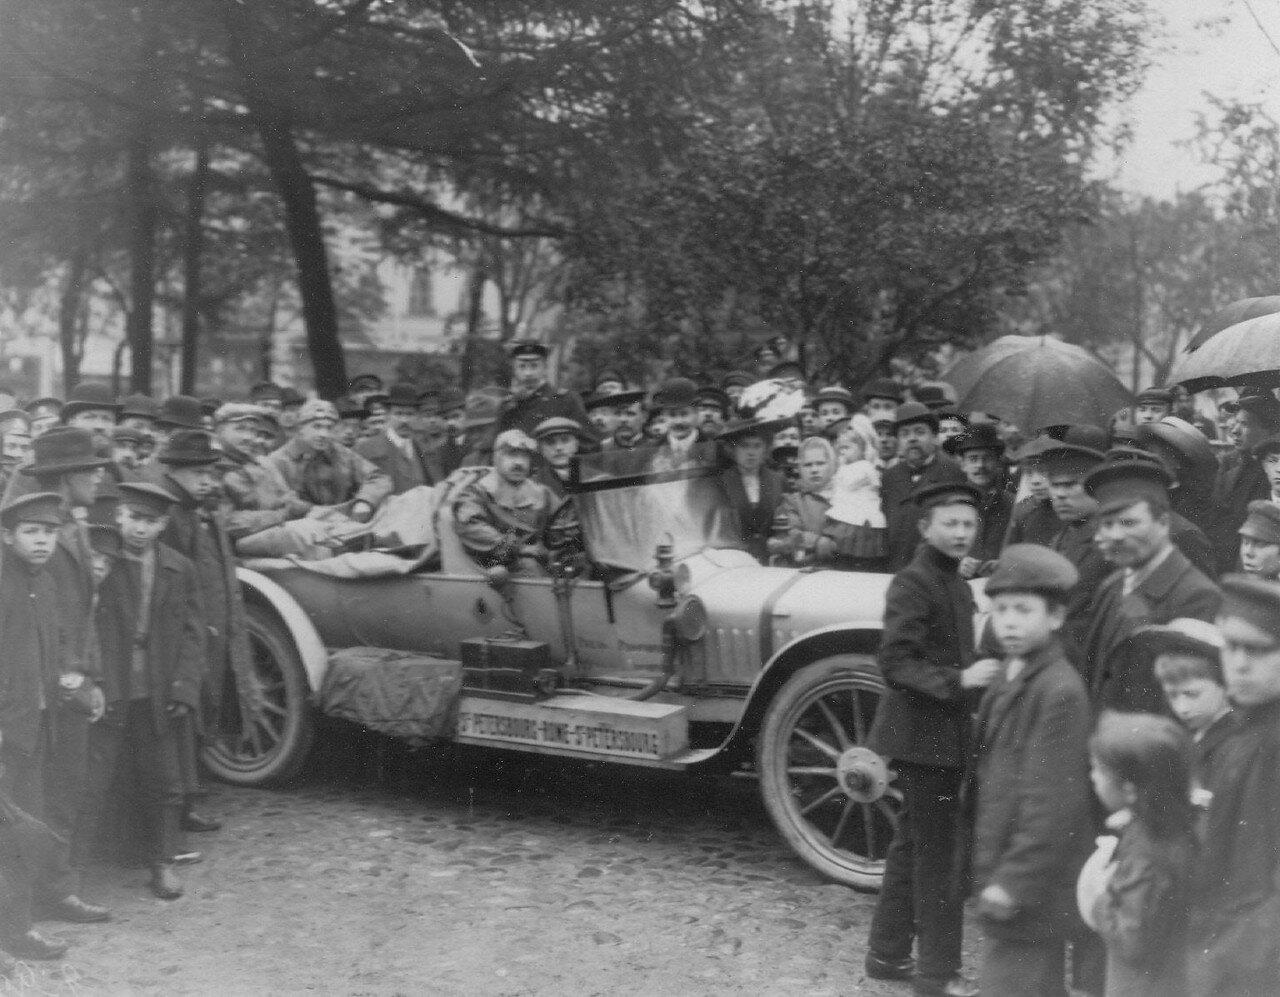 007. Проводы участников пробега (на собственном автомобиле Руссо-Балт - А.П.Нагель). 1912